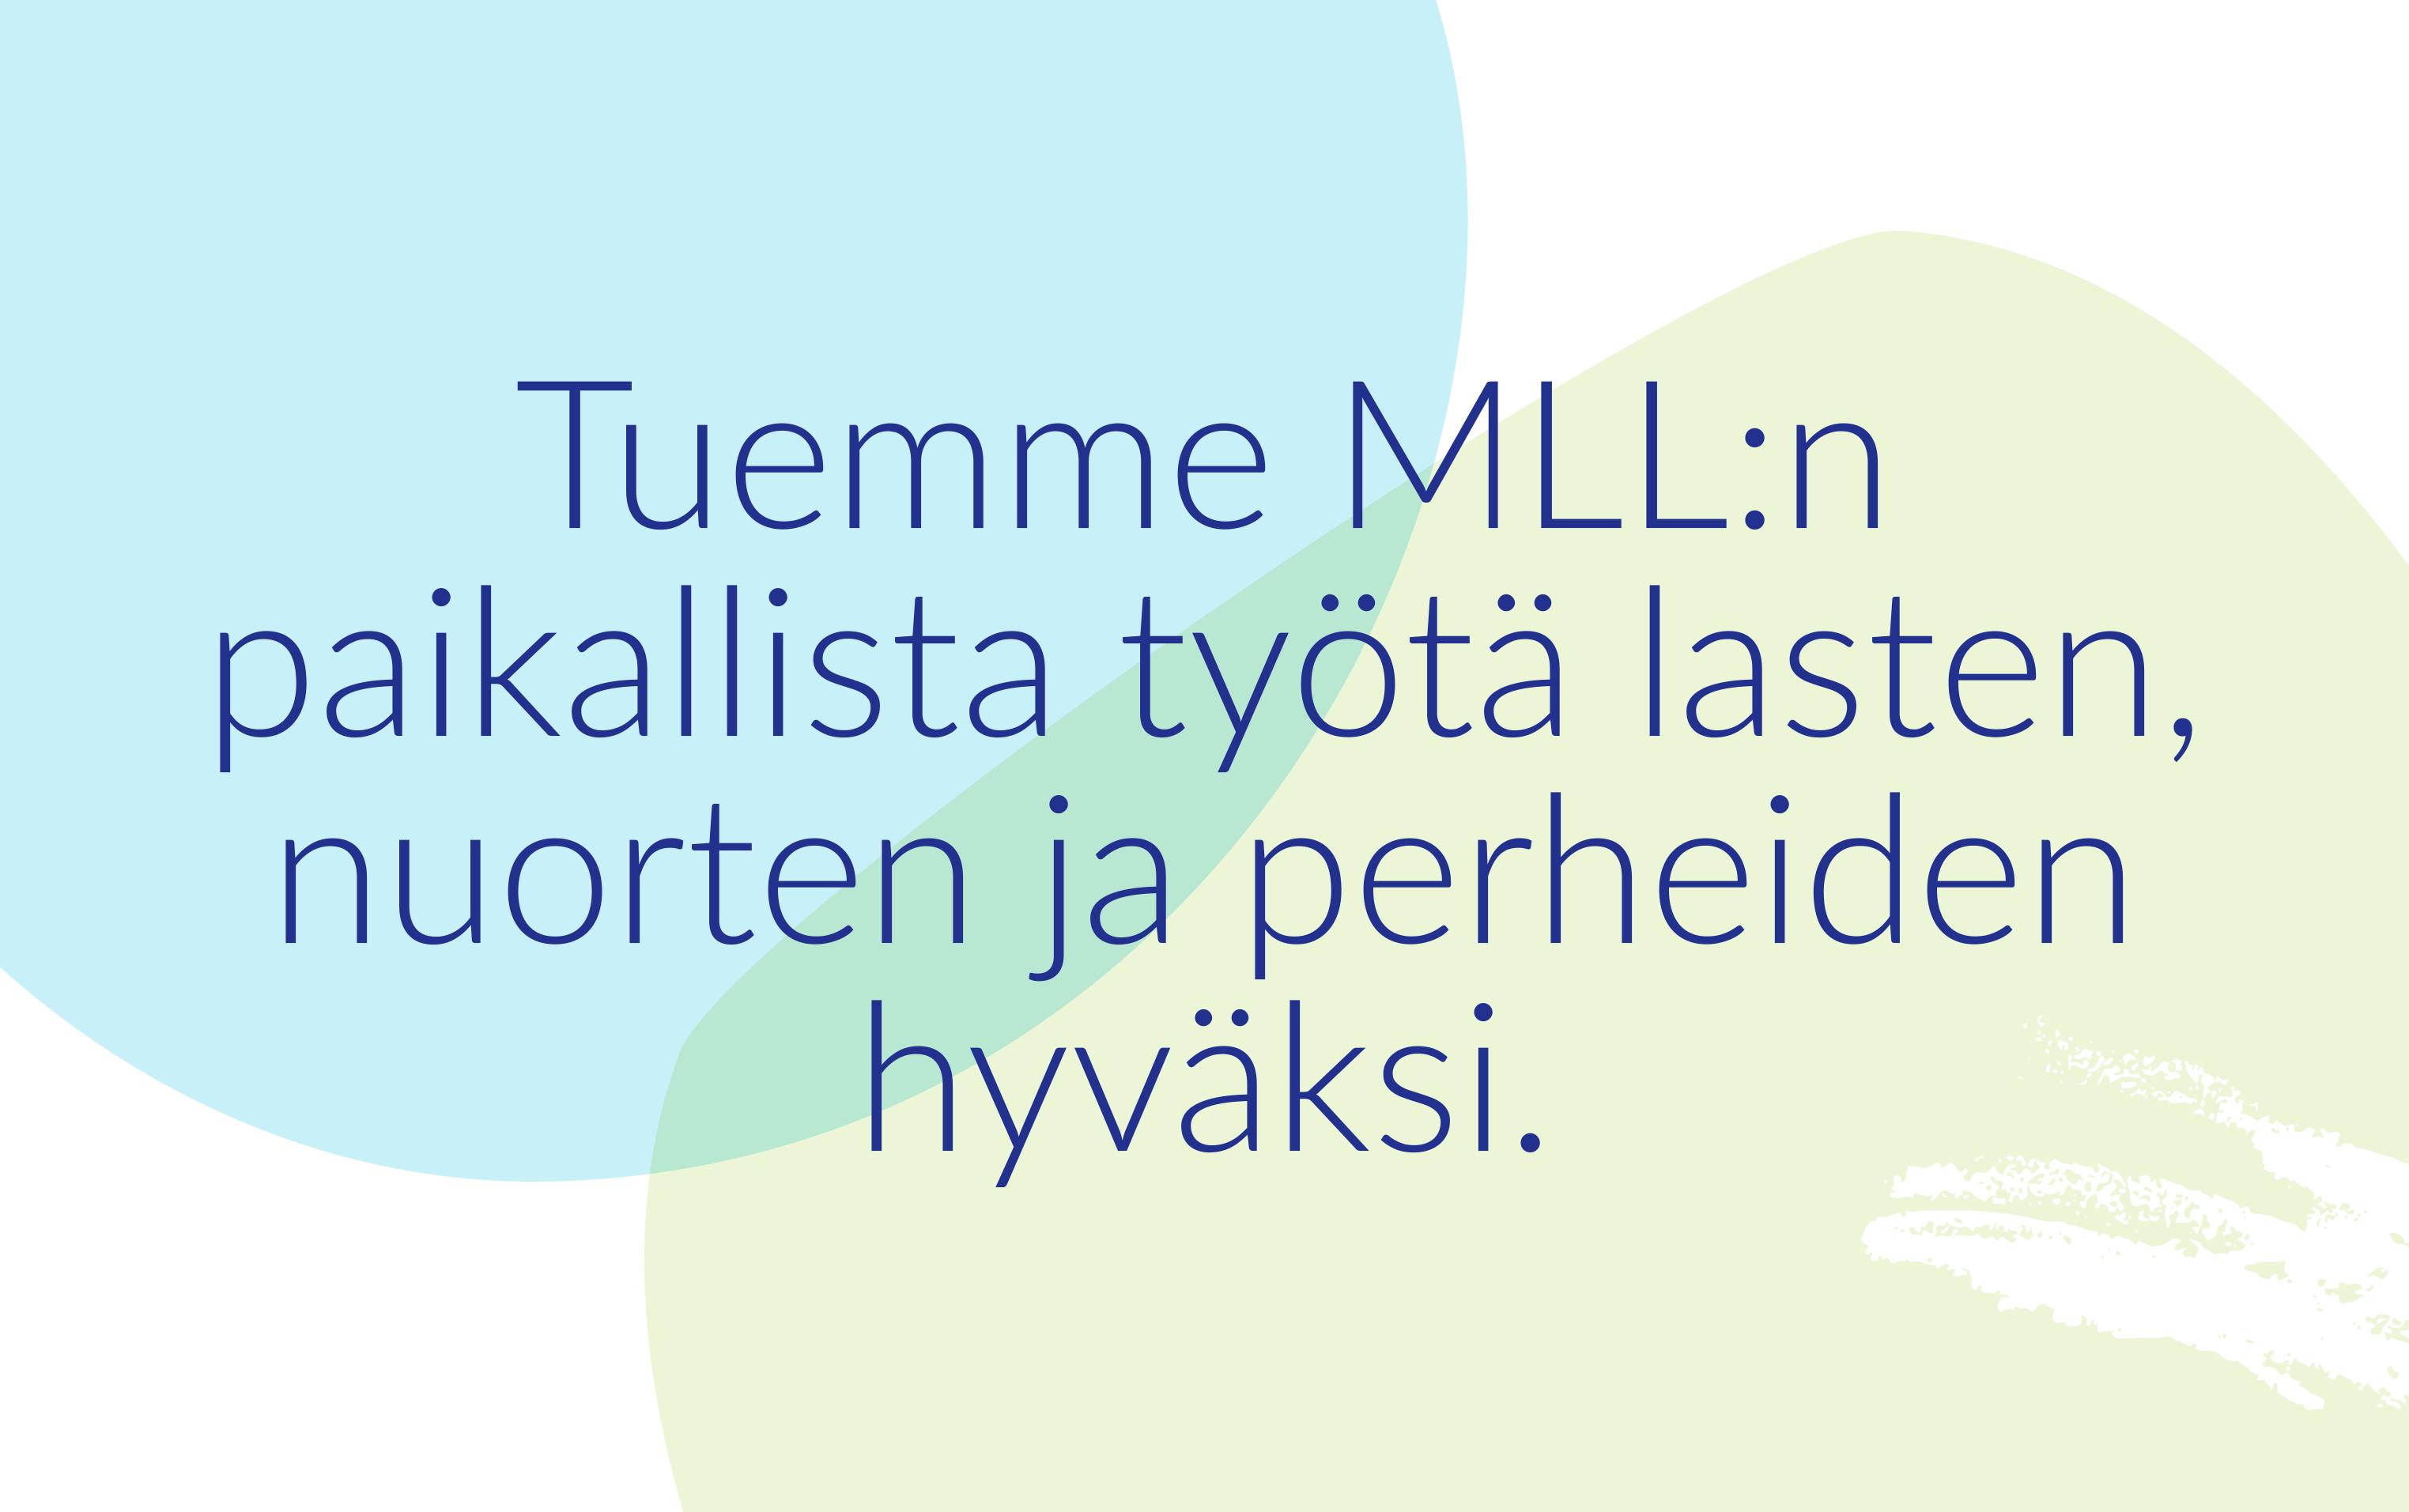 lasten_nuorten_mll